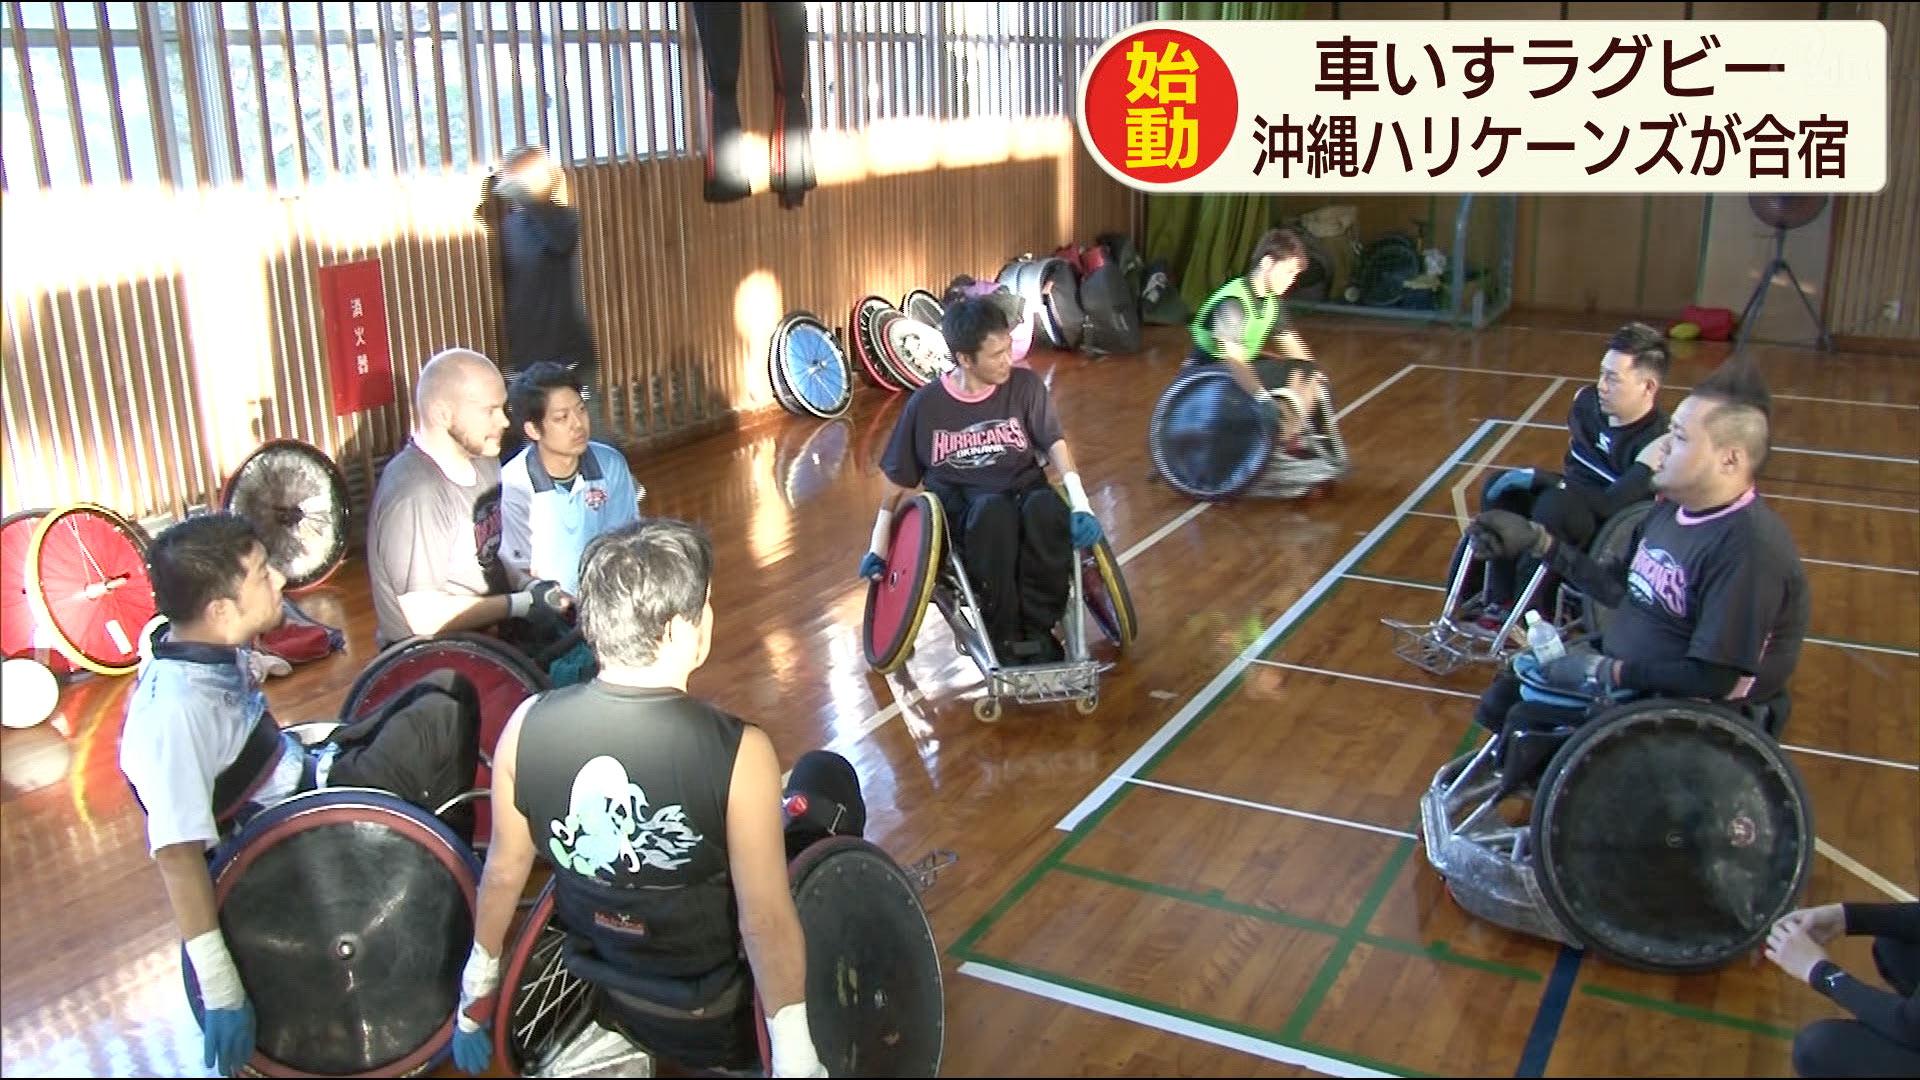 毎年12月に行われる日本選手権で現在3連覇中です。